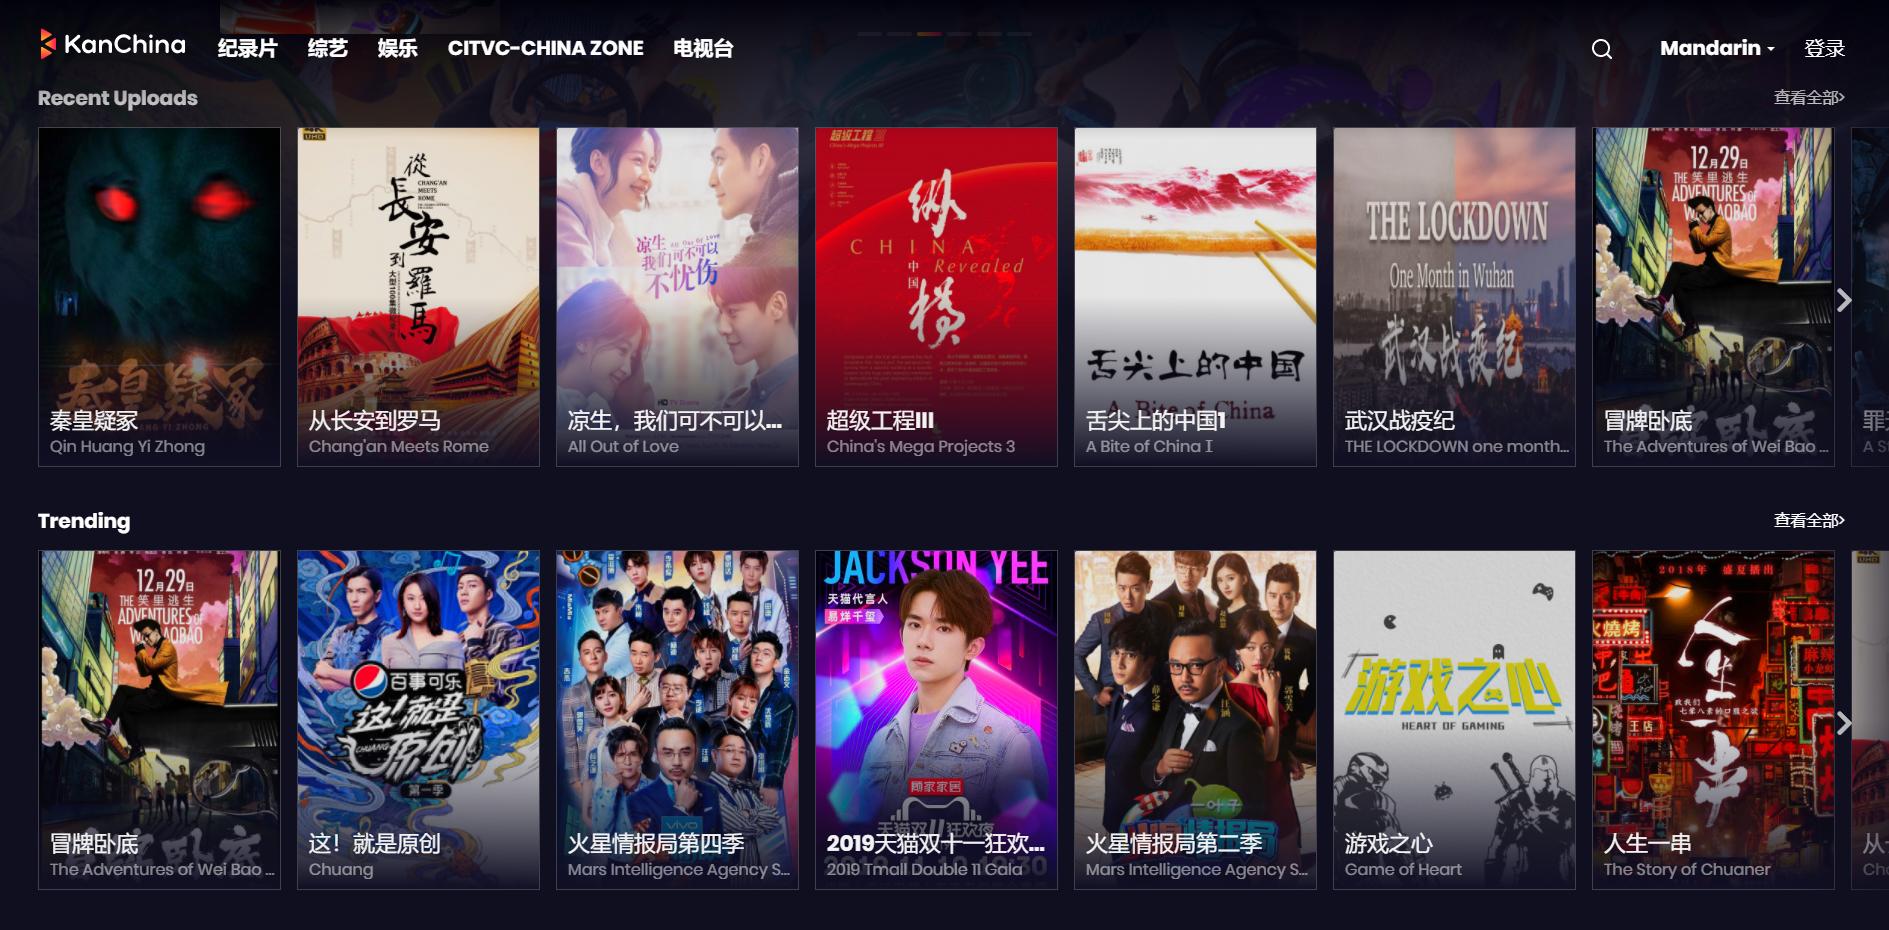 高清视频免费看,国内热剧综艺同步追,就上KanChina